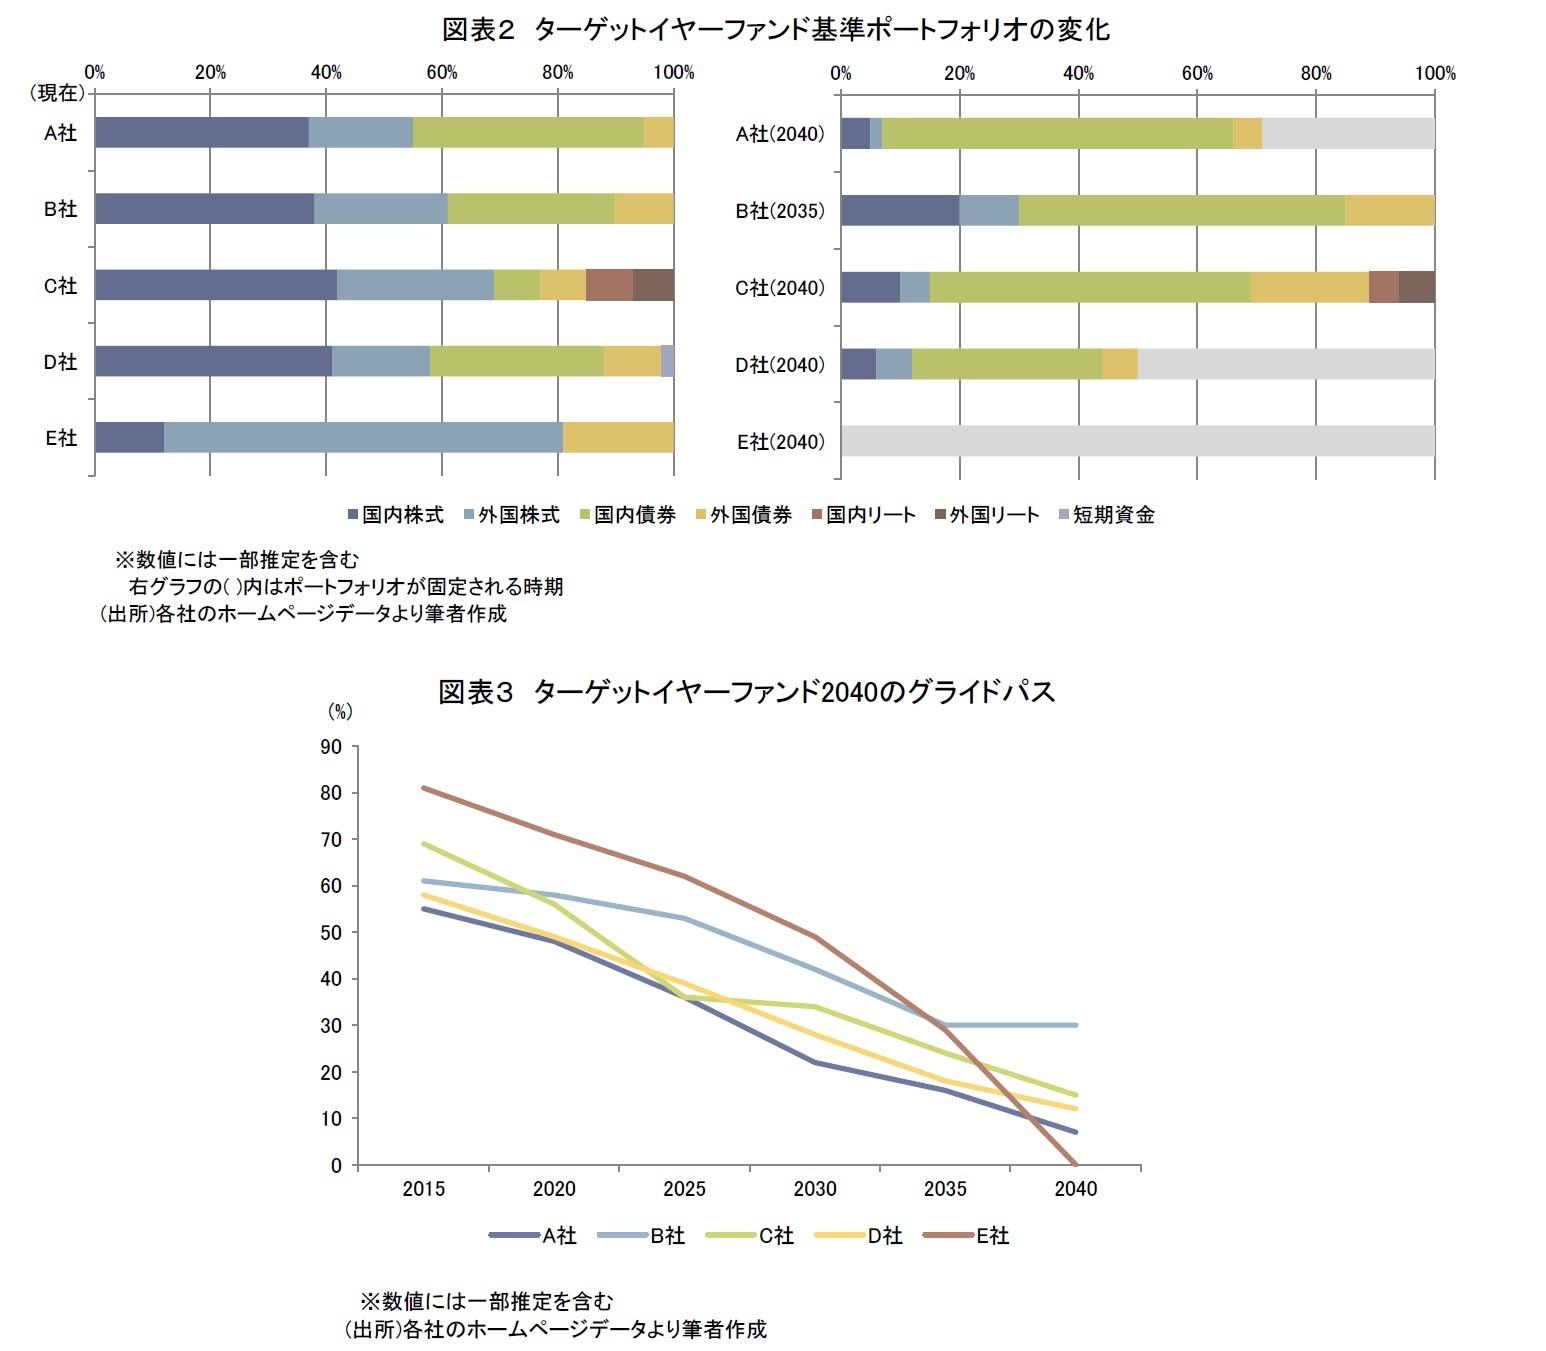 図表2 ターゲットイヤーファンド基準ポートフォリオの変化/図表3 ターゲットイヤーファンド2040のグライドパス